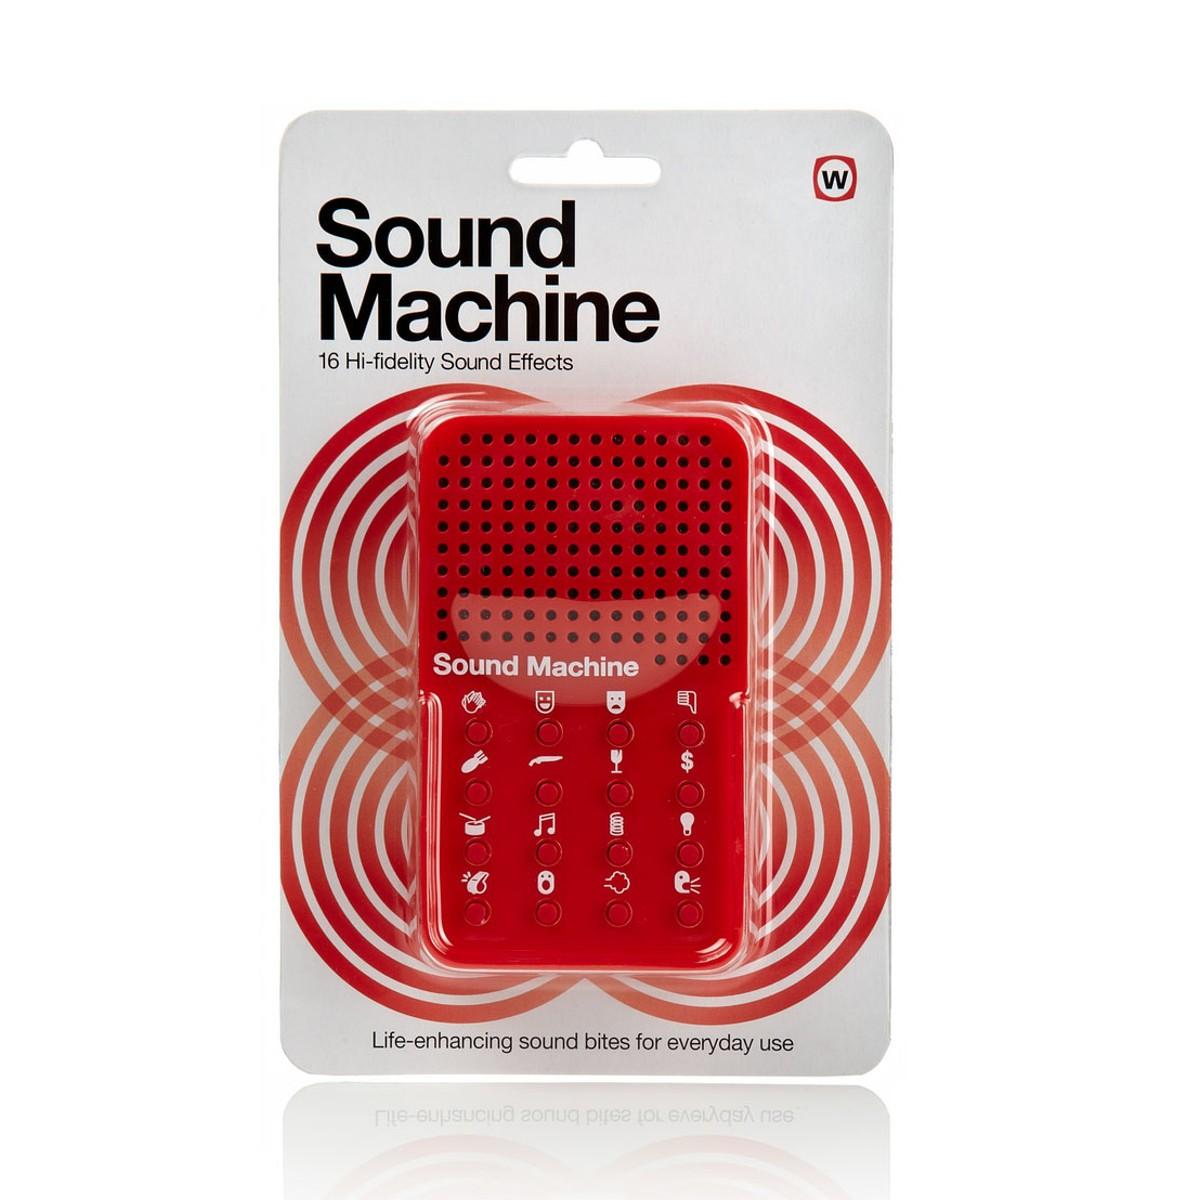 Soundbox - geniale Effekte für jeden Tag